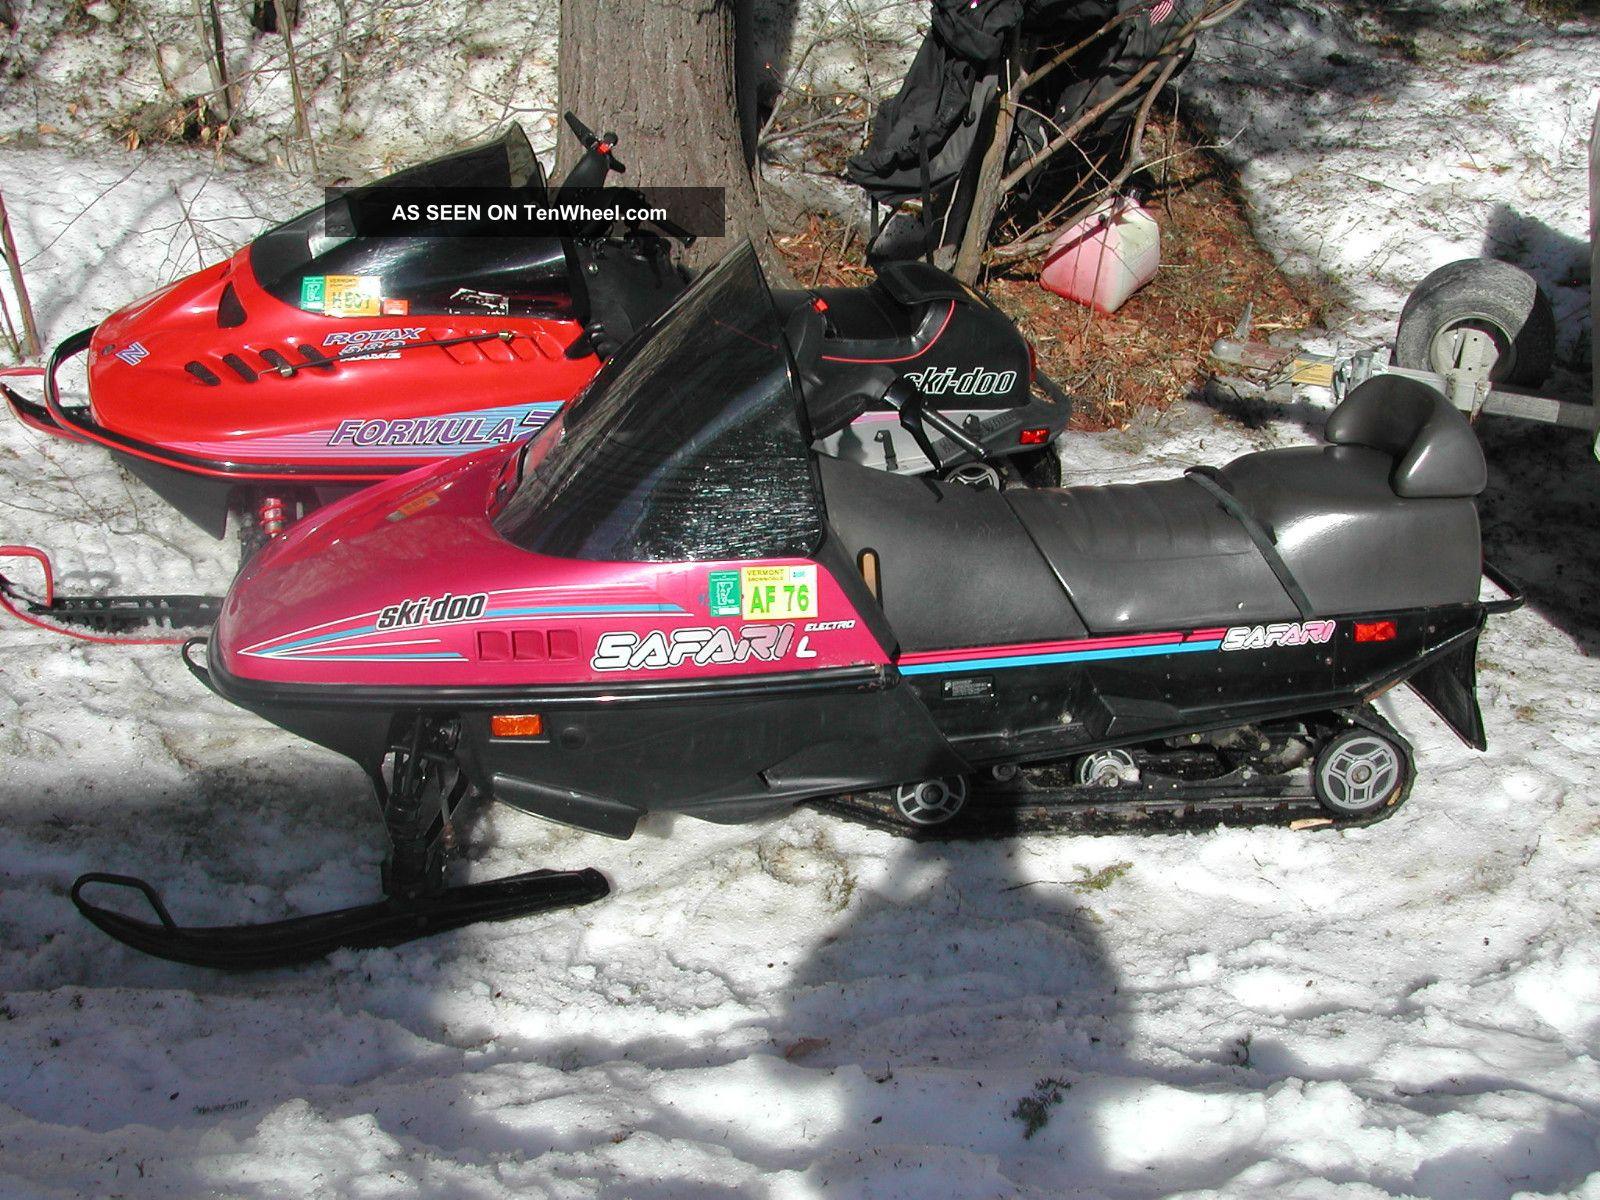 1991 safari ski doo manual open source user manual u2022 rh dramatic varieties com 1990 Ski-Doo Safari Parts 1991 Ski-Doo Safari Parts